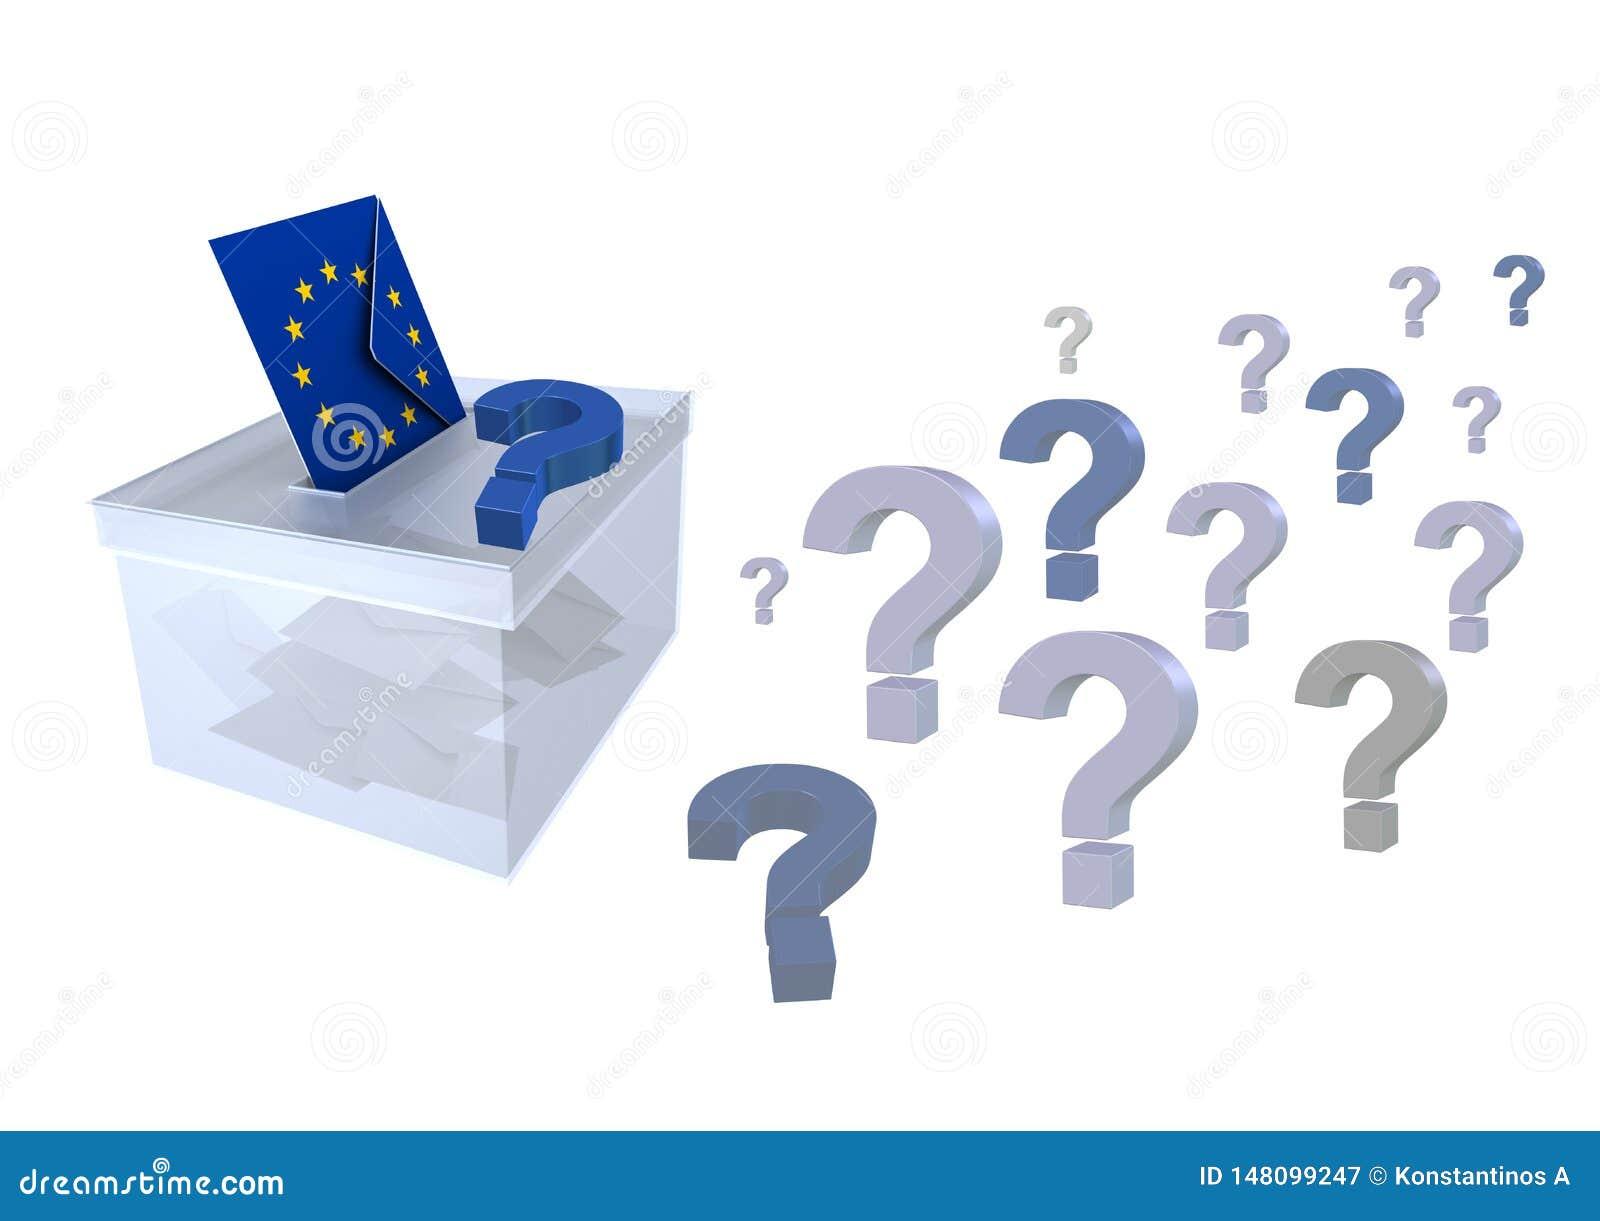 Elecciones en la votación y el sobre del signo de interrogación de la unión europea con el voto europeo de la bandera para el par